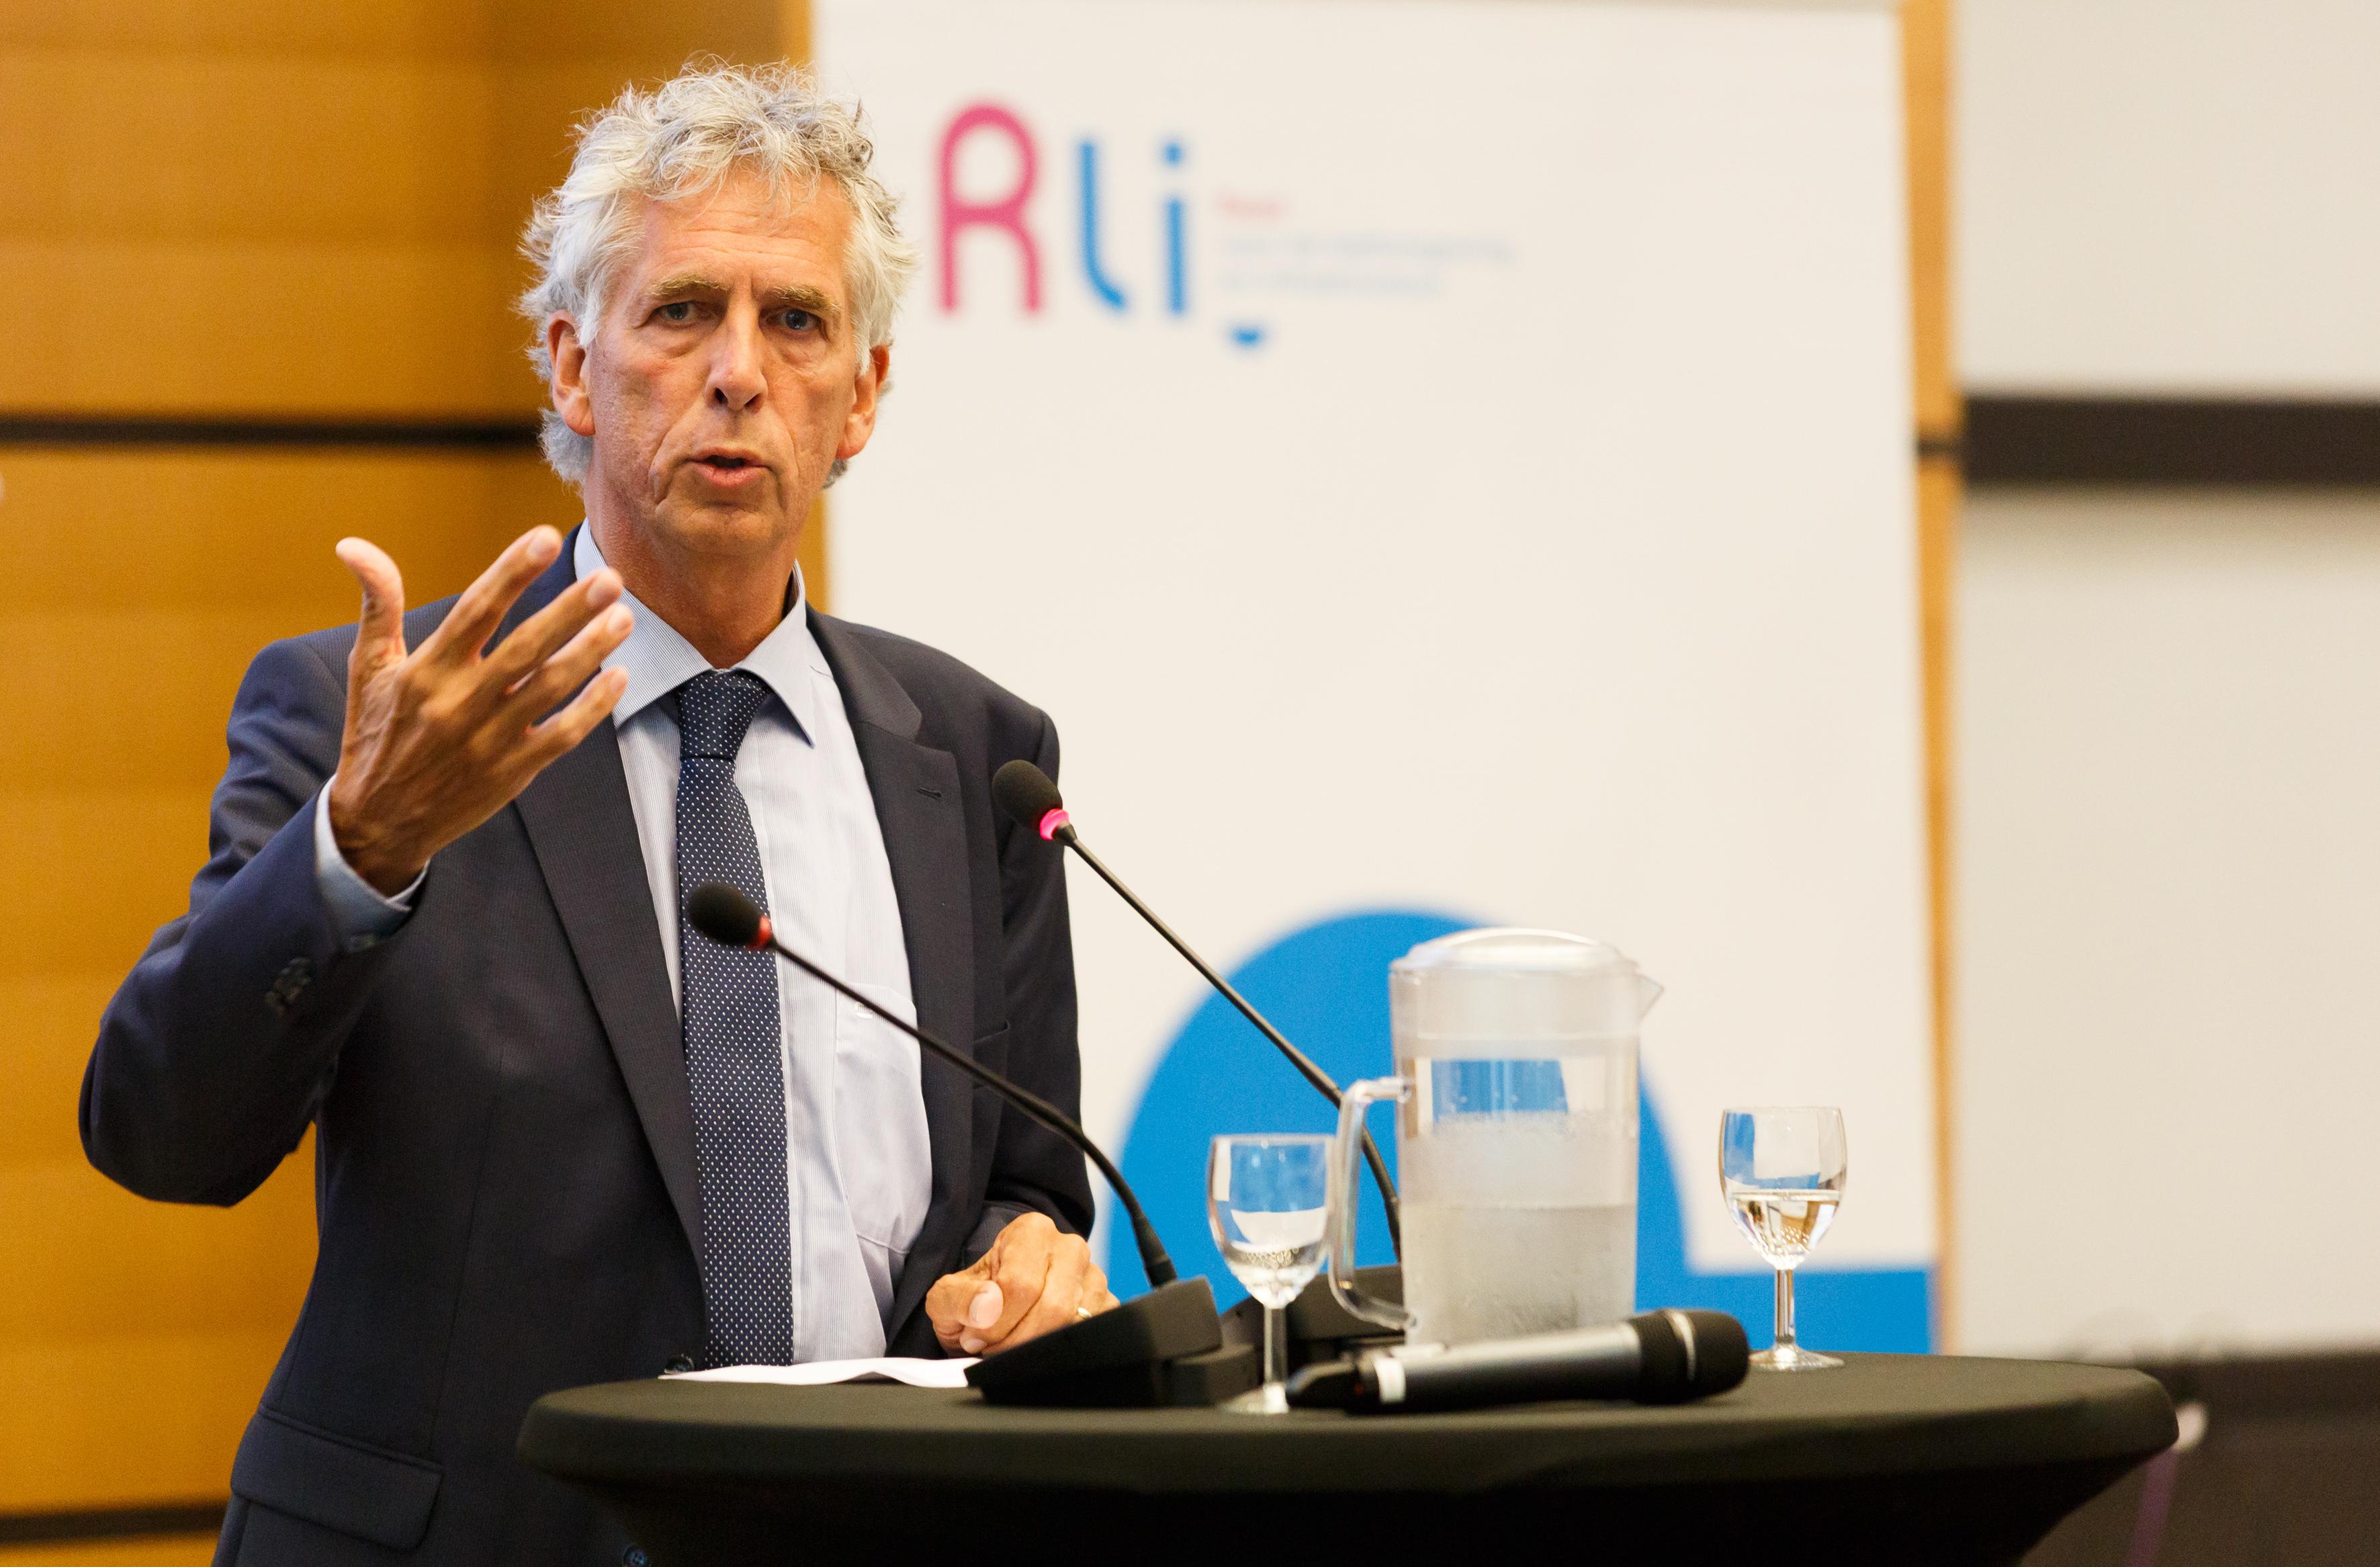 directeur-generaal Mark Frequin Ministrie IenM neemt  het advies namens de minister in ontvangst en reageert op het advies, 1 juli 2016 Foto Fred Ernst